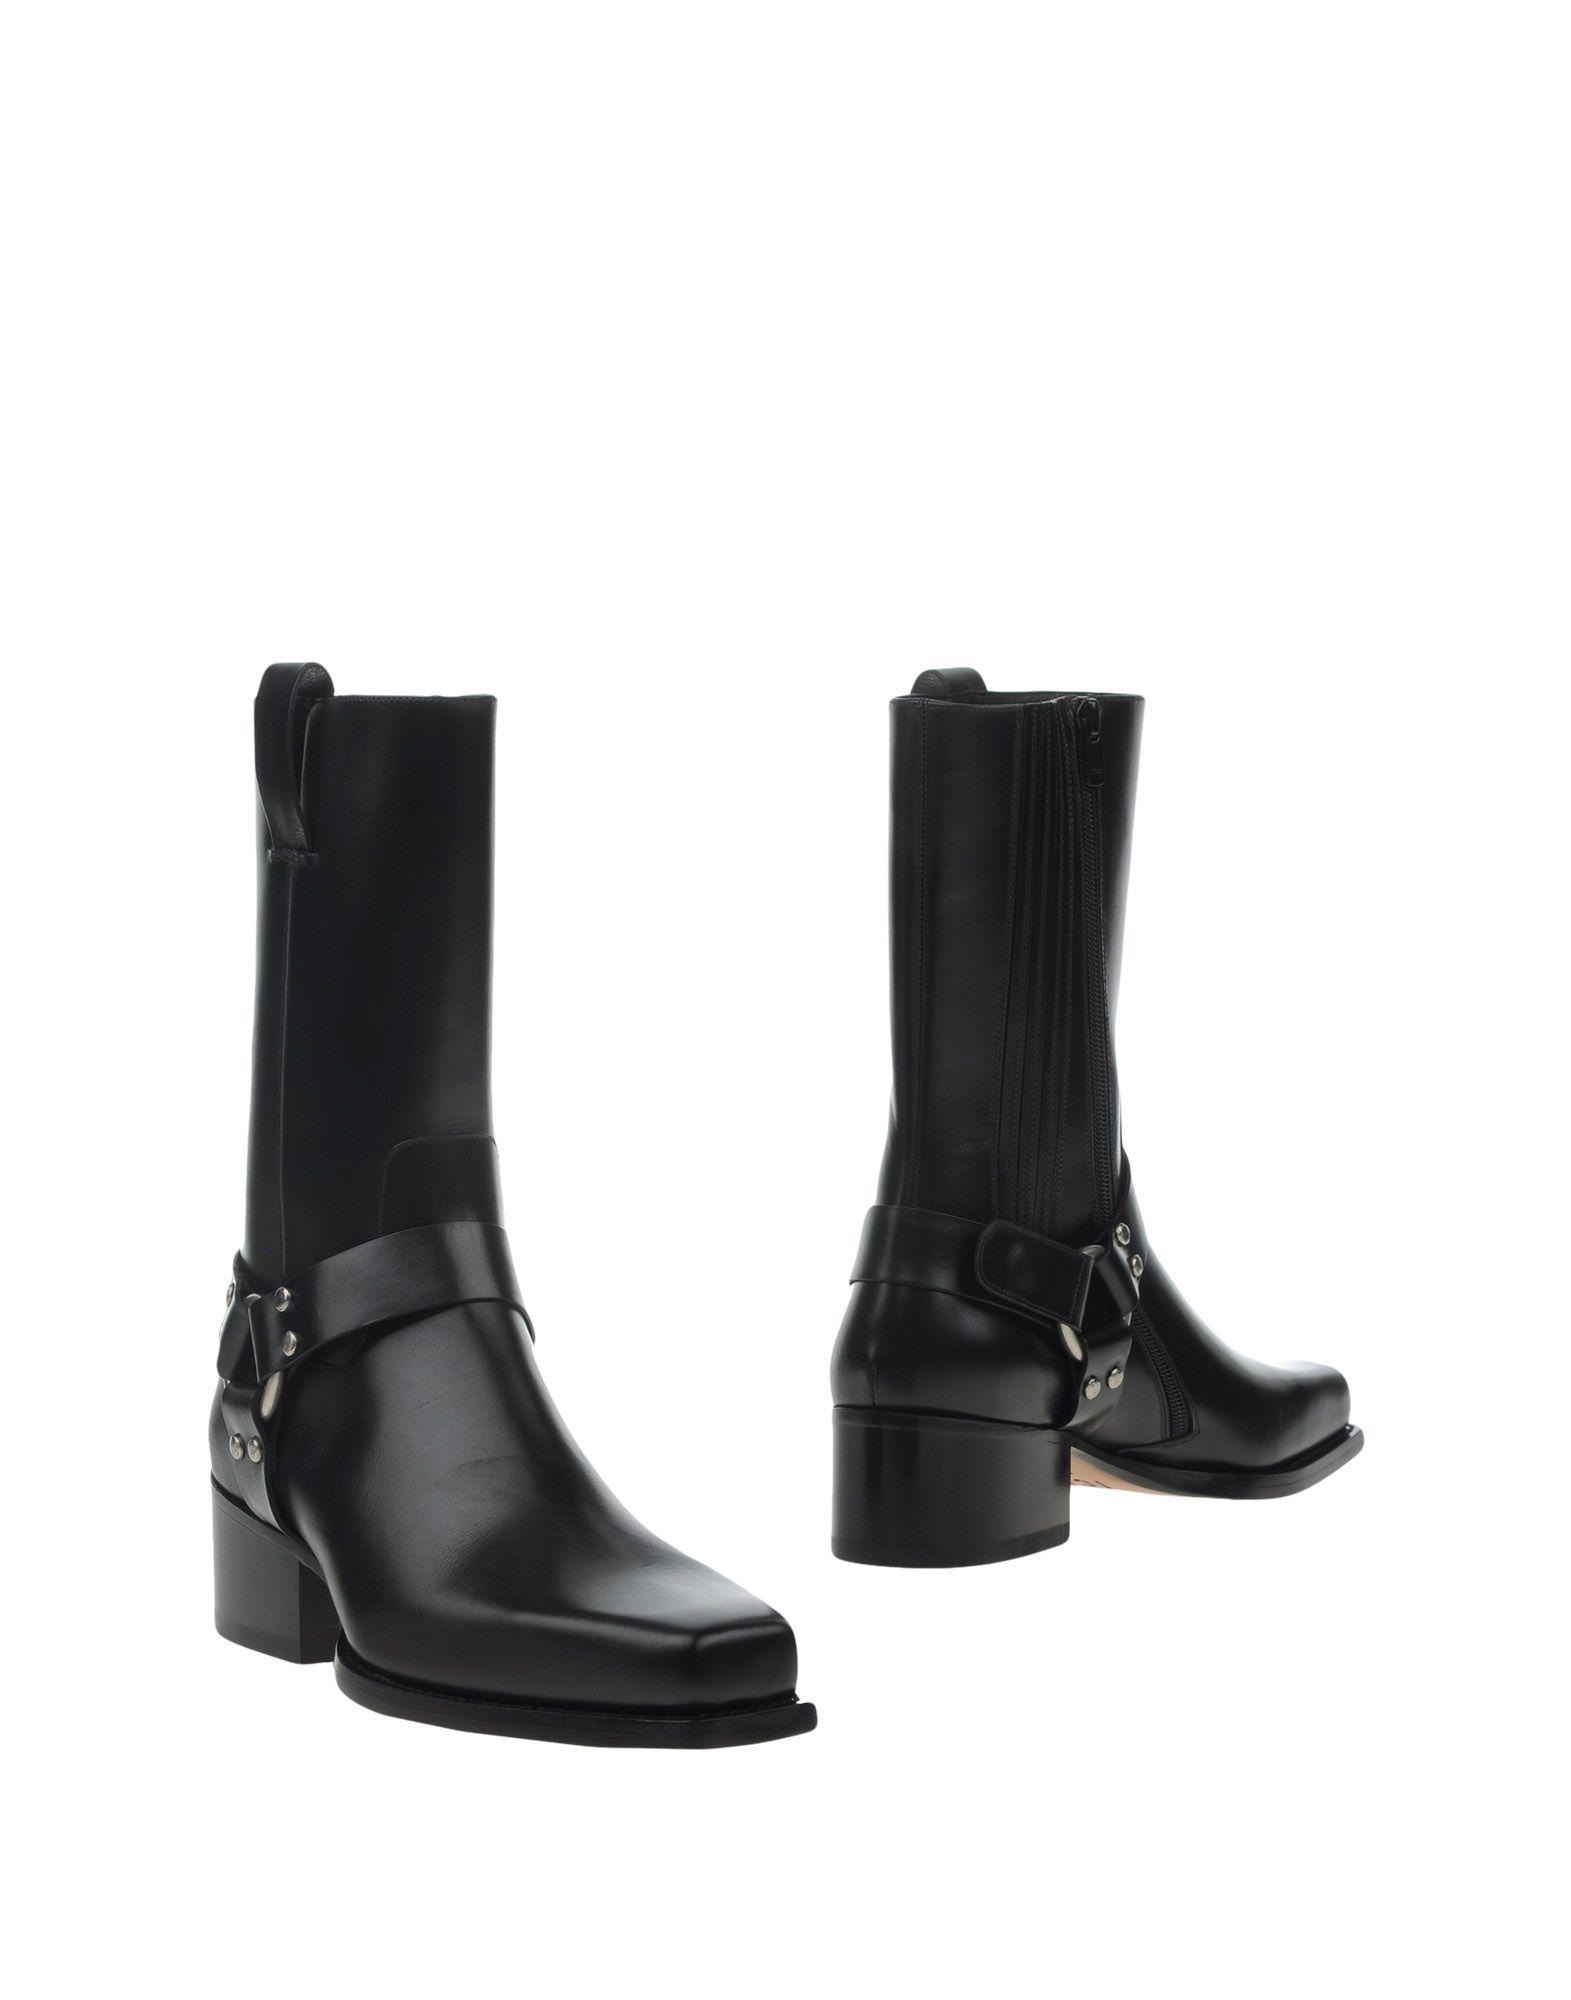 Dsquared2 Stiefelette Herren Herren Stiefelette  11064828IT Gute Qualität beliebte Schuhe cef2da